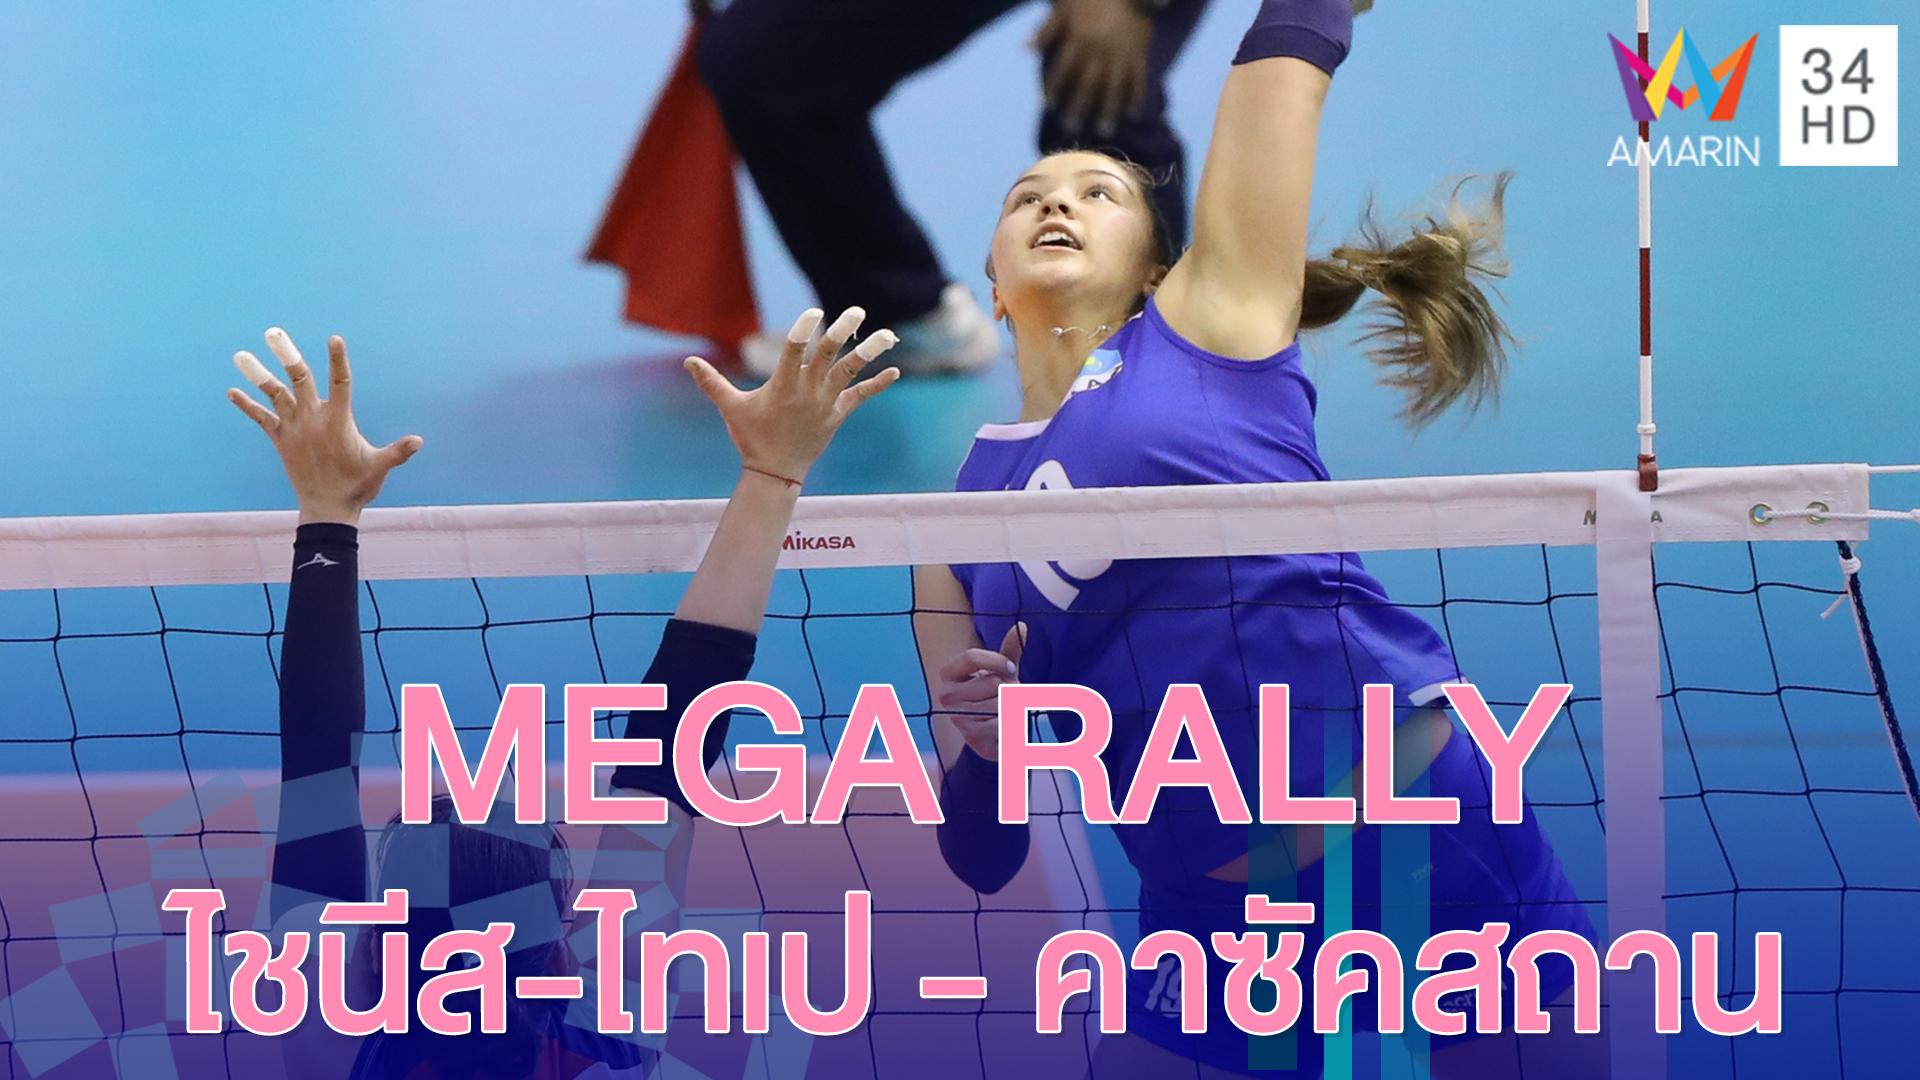 Mega Rally ไชนีส ไทเป-คาซัคสถาน ตีกันสนุก